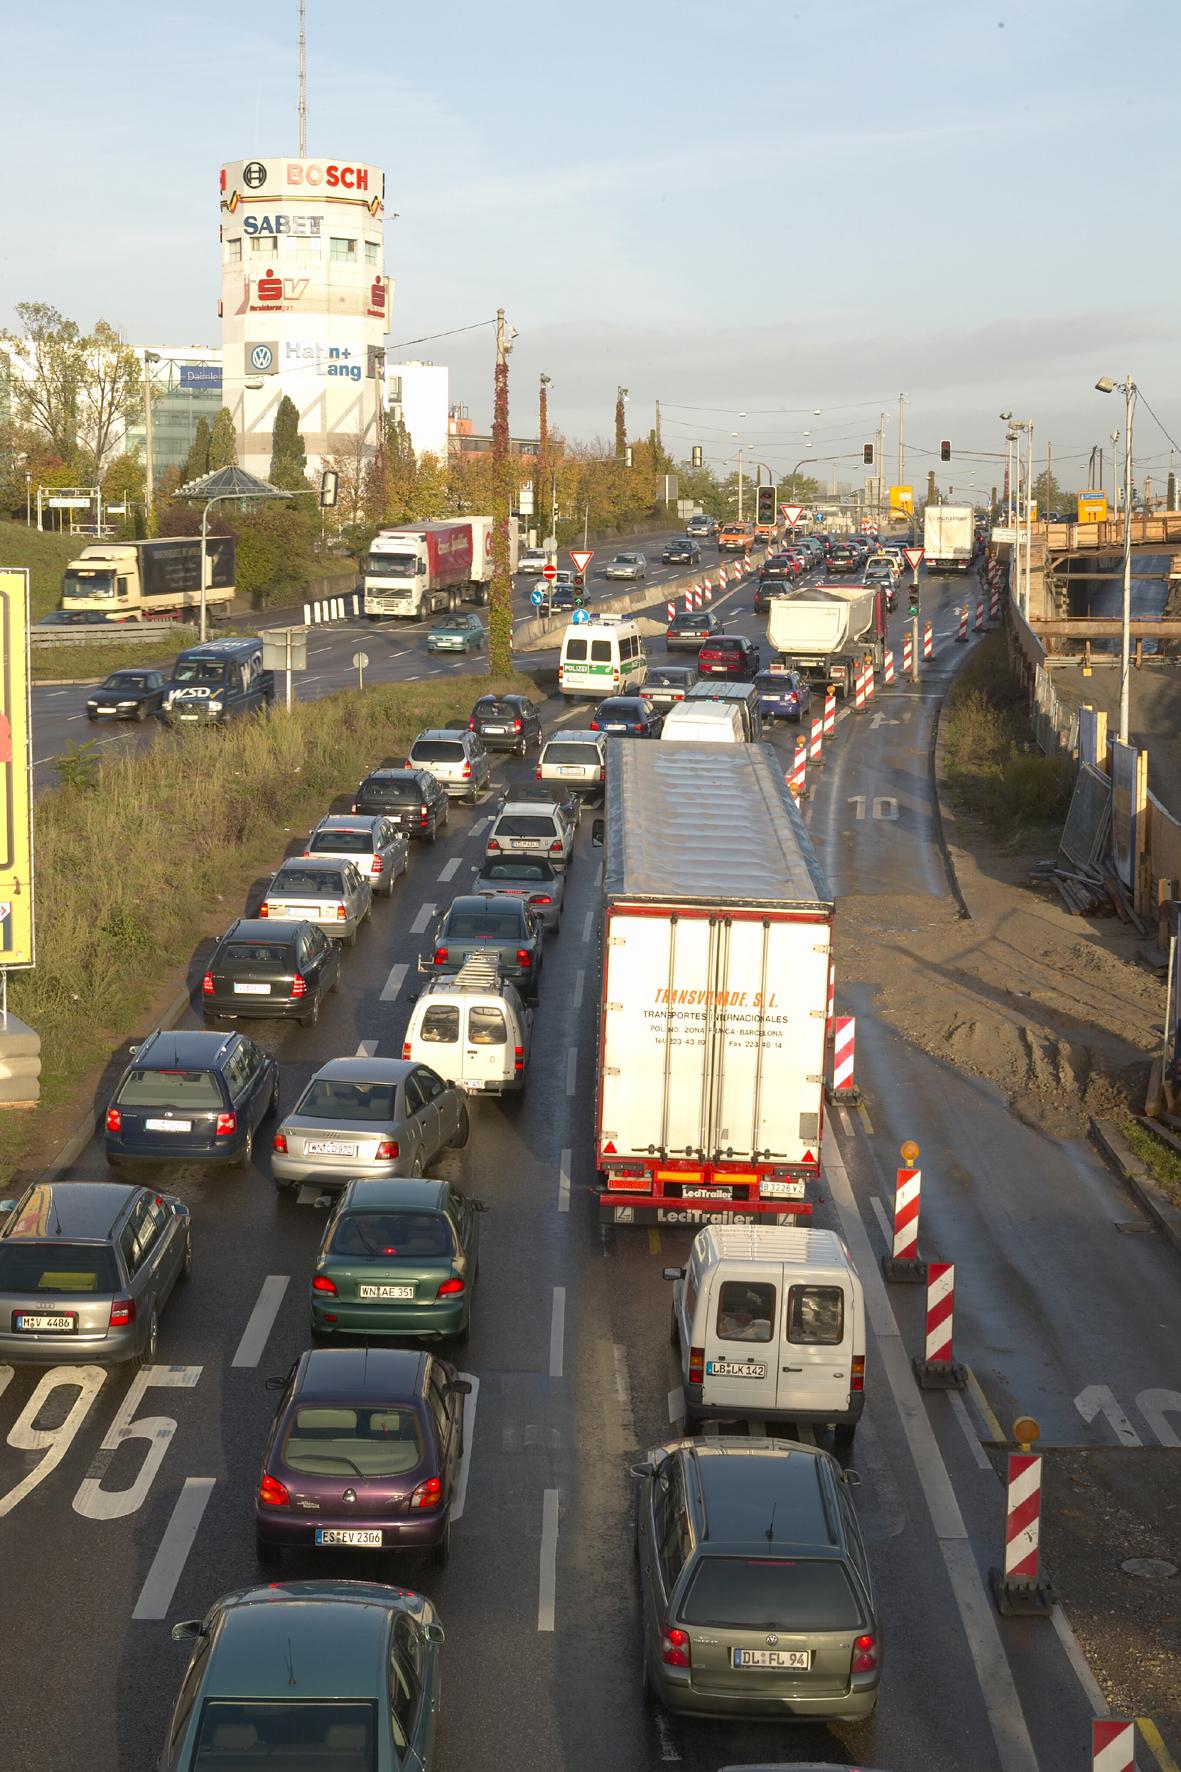 mid Düsseldorf - Stau-Angst: Knapp drei Viertel der deutschen Autofahrer setzen sich laut einer Umfrage zu Stoßzeiten wie dem Ferienbeginn oder an Wochenenden erst gar nicht ans Steuer.